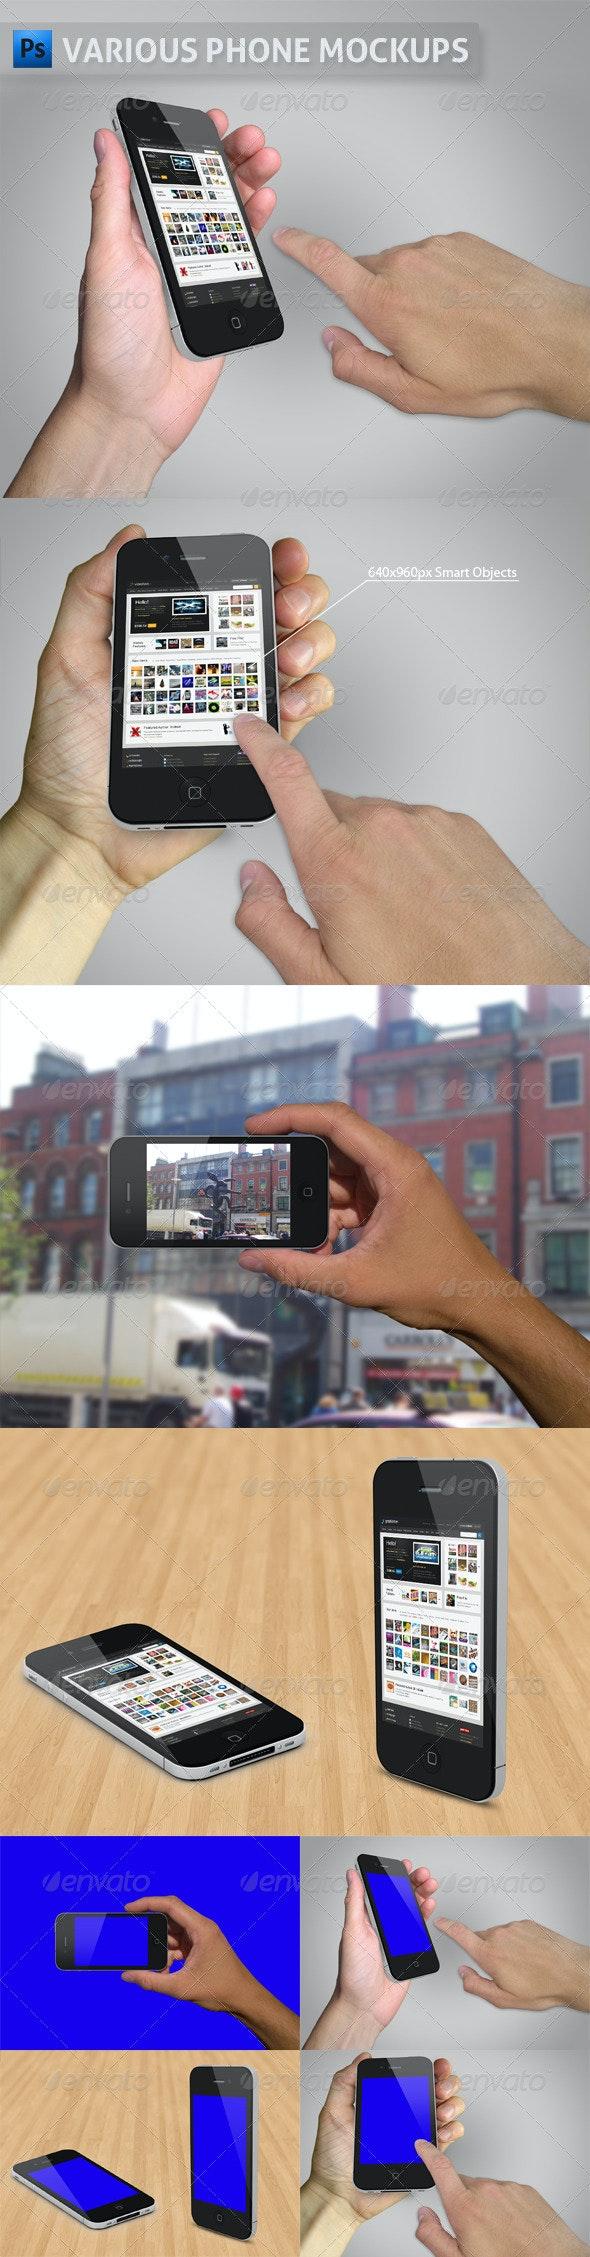 Various Phone Mockups - Mobile Displays